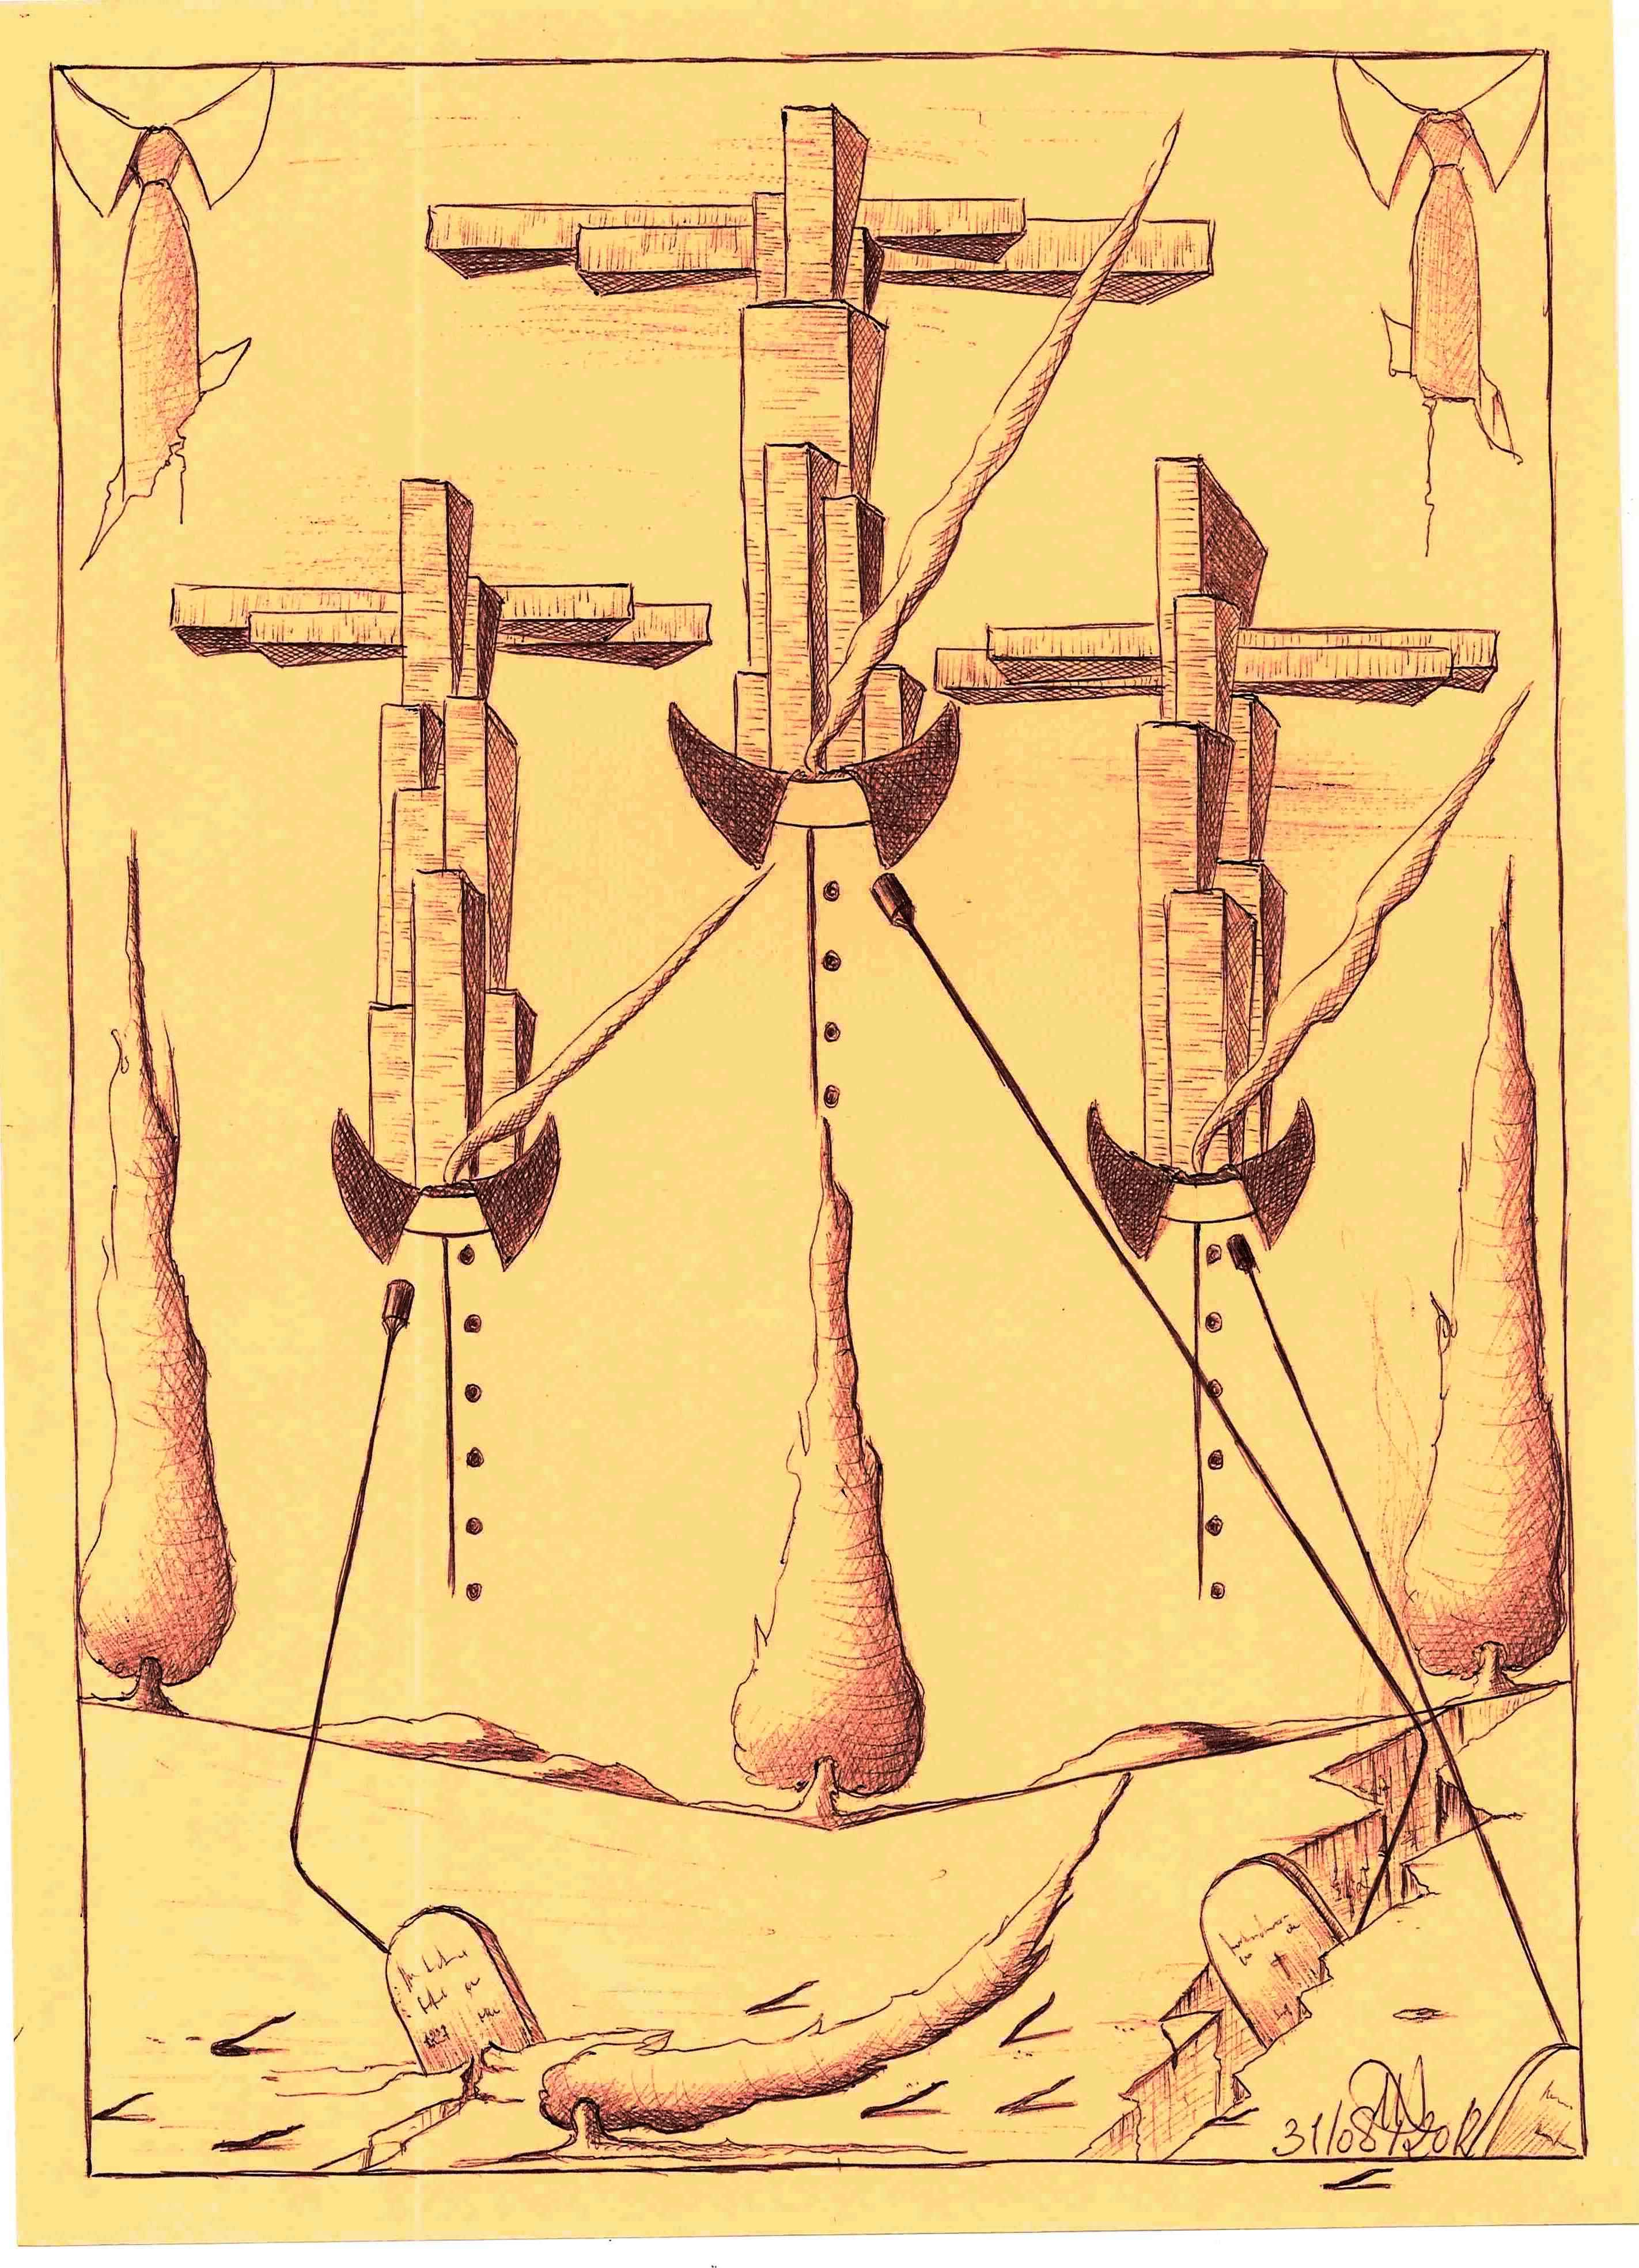 Disegno a penna 2012, Supremazia occidentale, Pasquale Mastrogiacomo Acerno(SA)